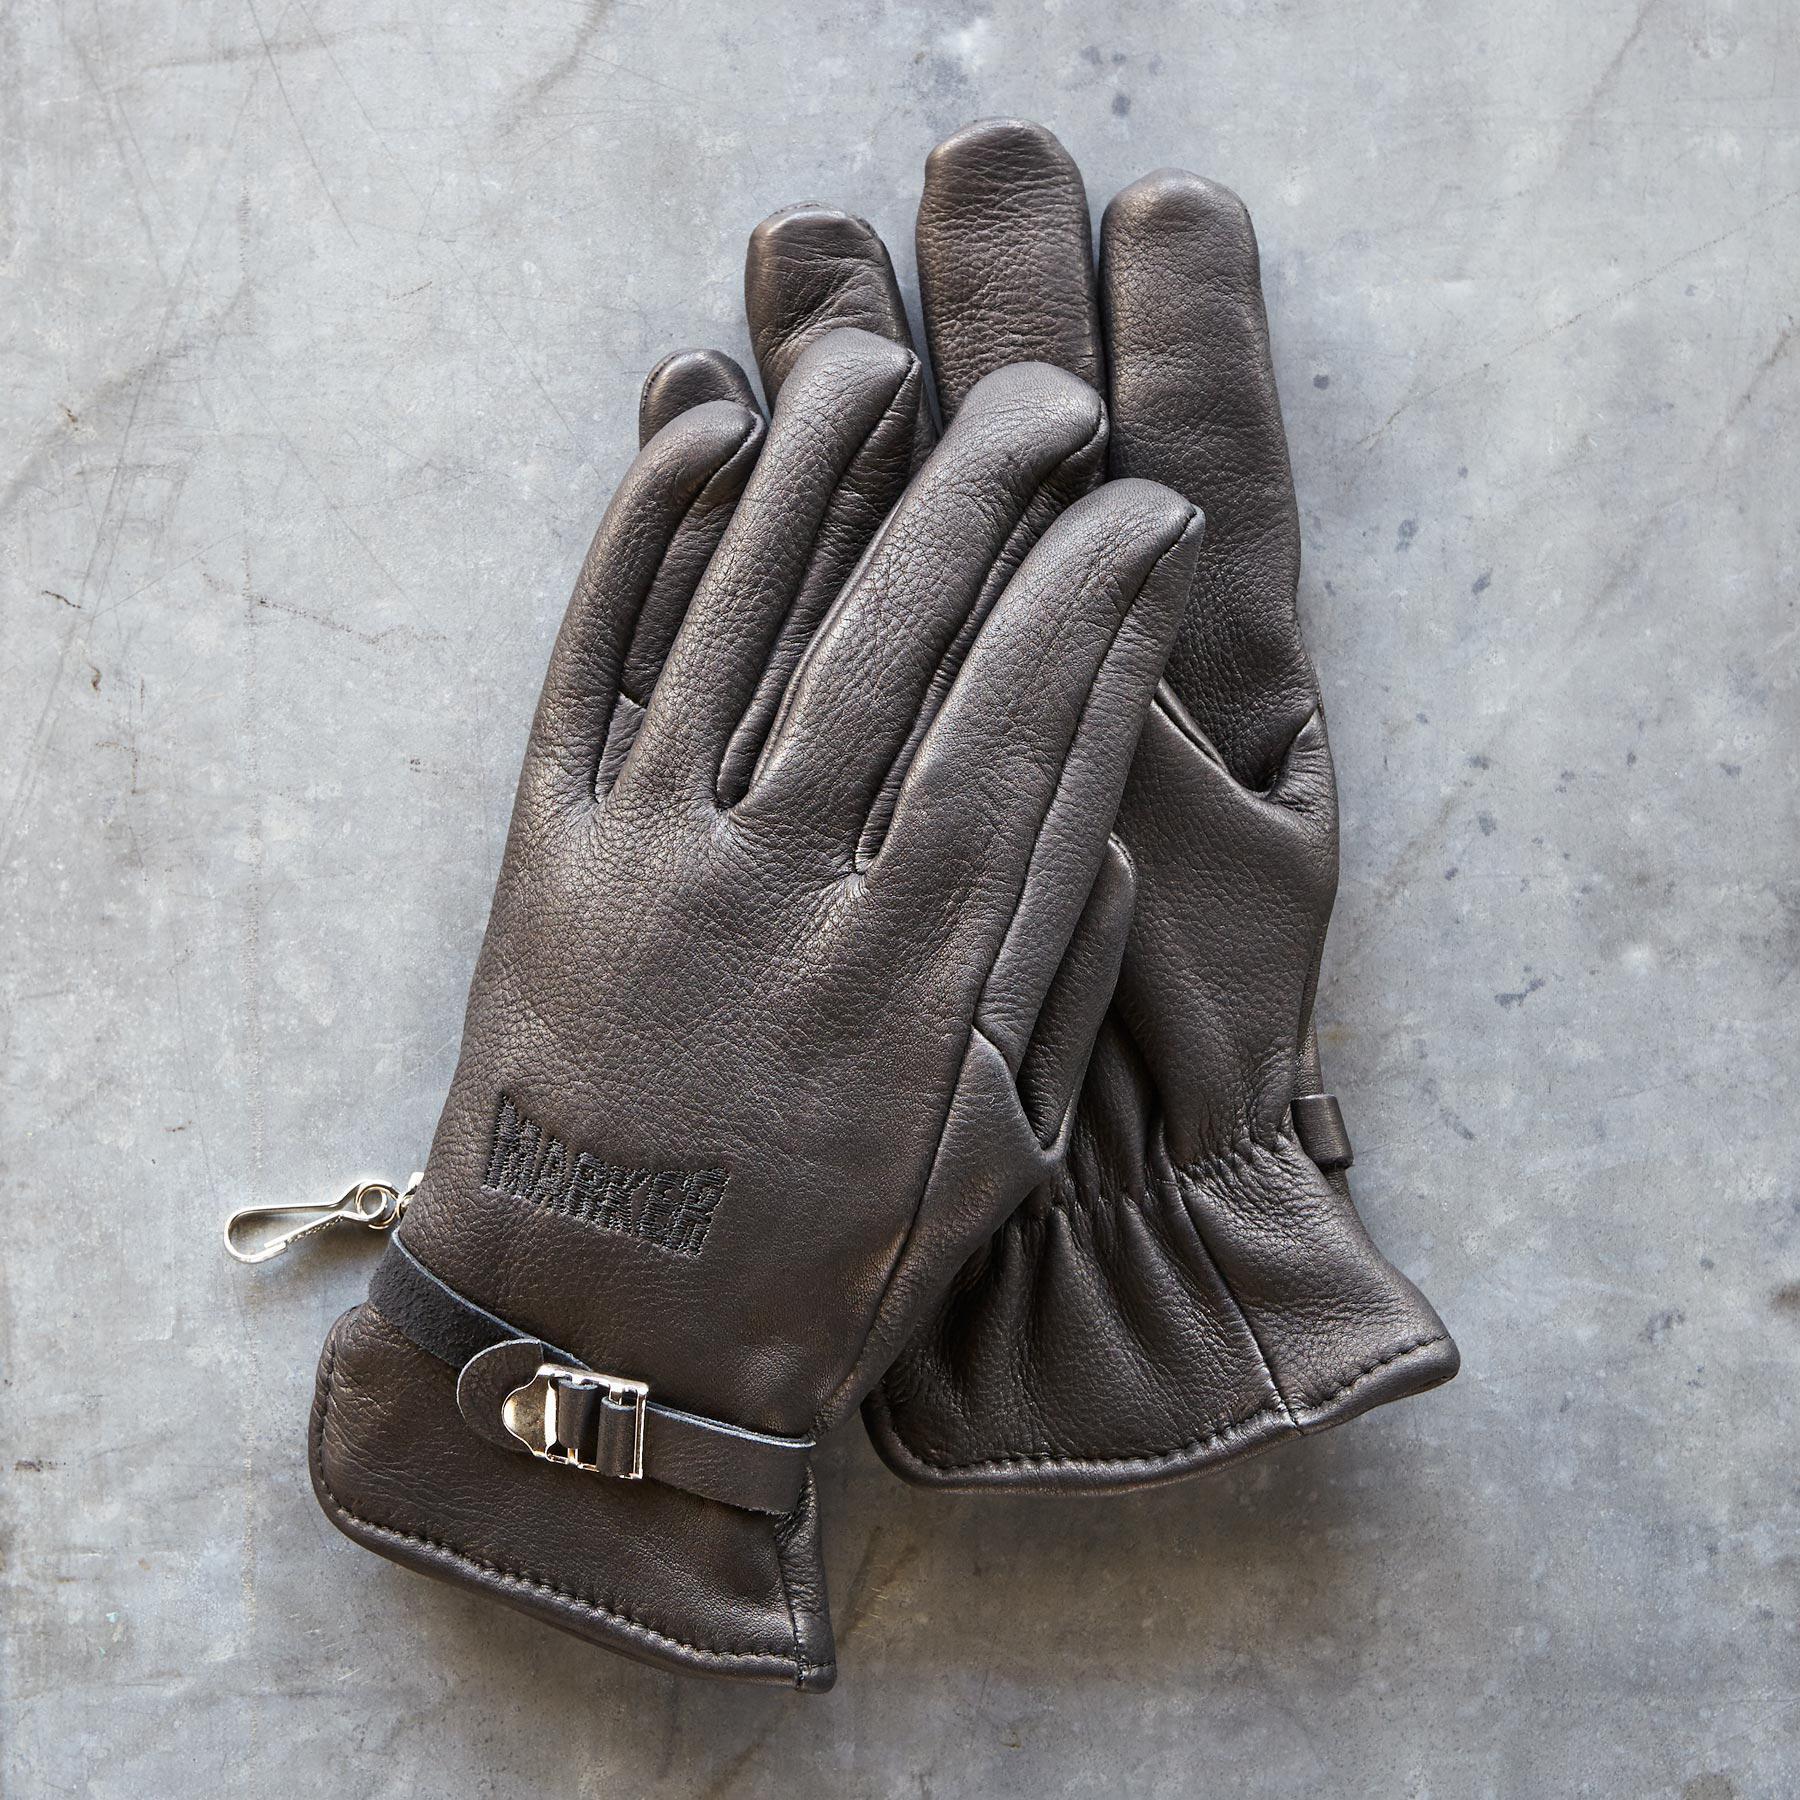 Marker® Deerskin Work Gloves: View 1